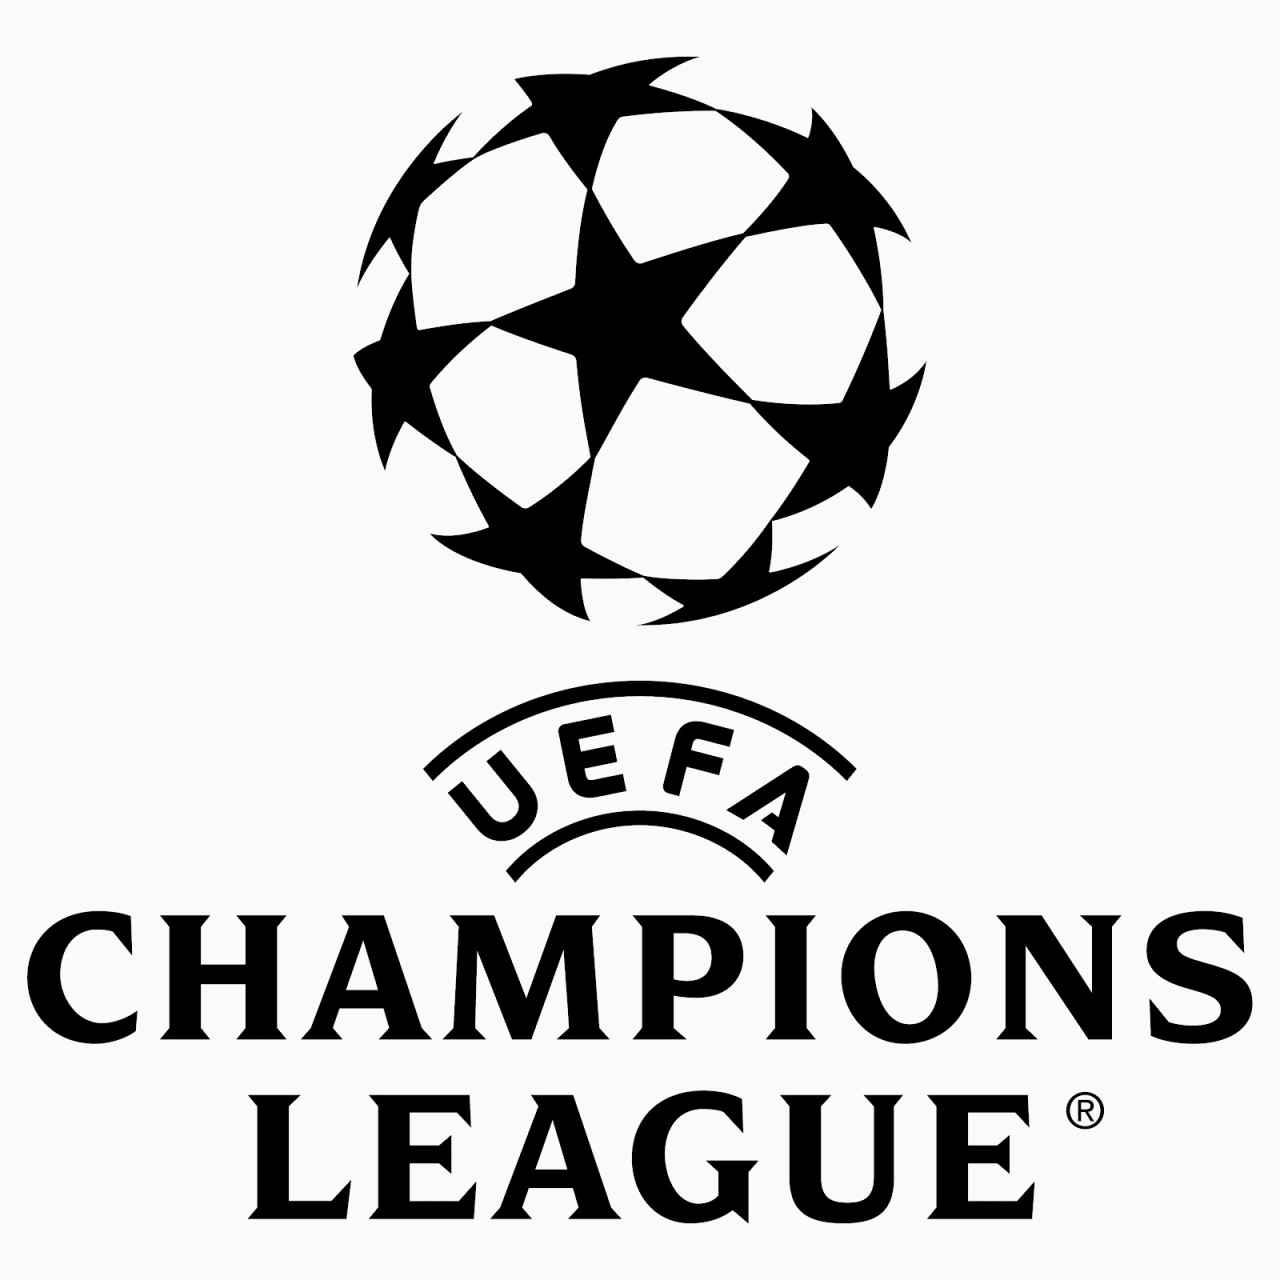 El nuevo logo de la Champions League para 2022